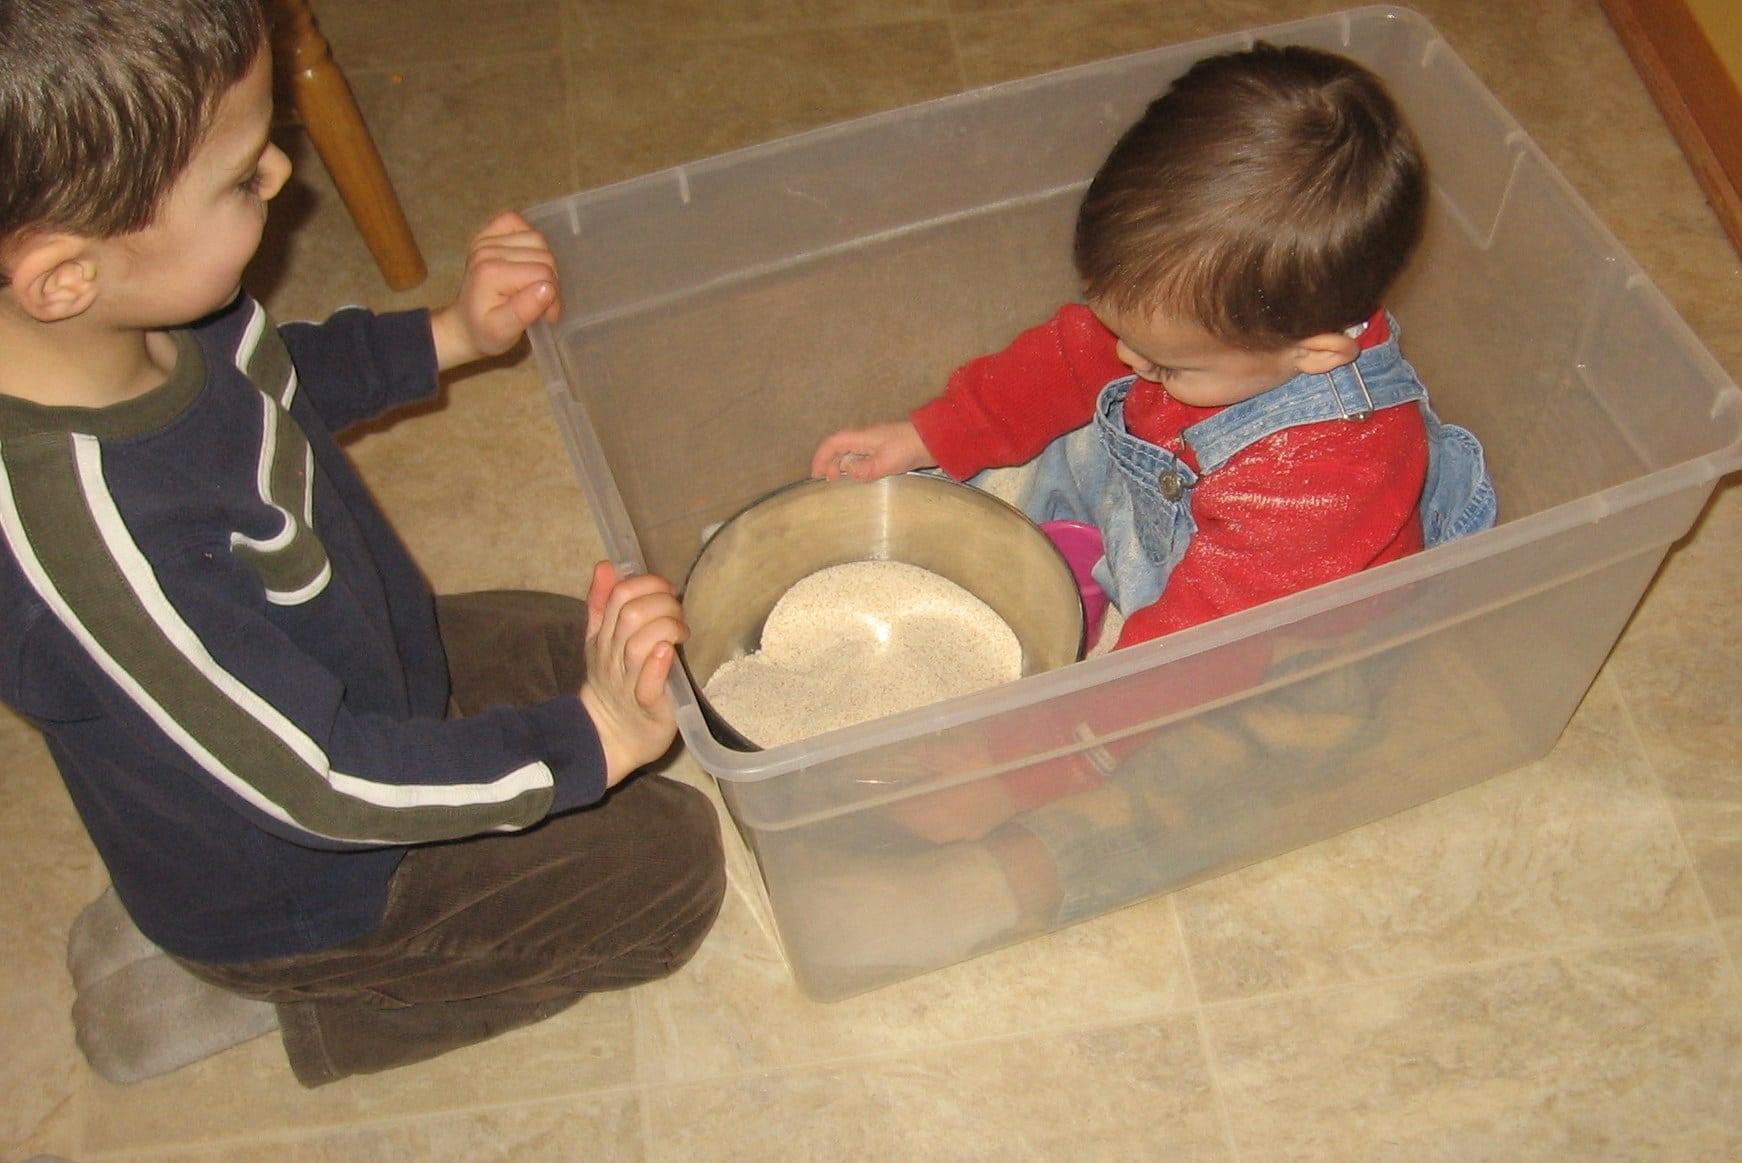 2 kids one sandbox official - df463